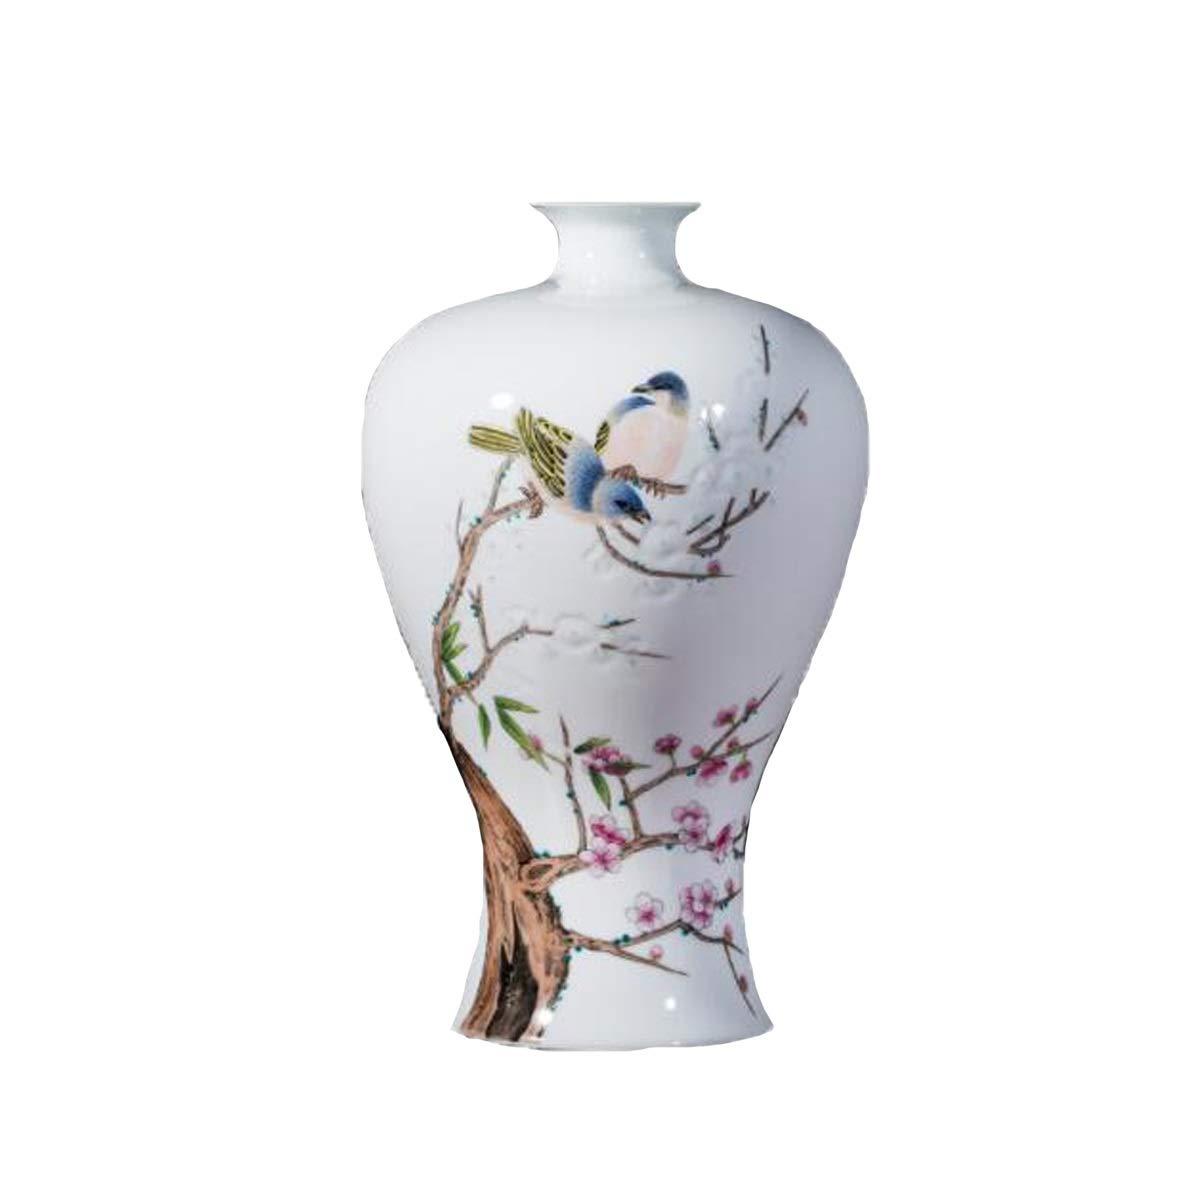 SHENGSHIHUIZHONG 花瓶の装飾、景徳鎮セラミック花瓶、梅瓶の装飾、手描きのパステル中国風リビングルームワインキャビネットの装飾の装飾、明海五福 中華風 (Color : White) B07SWZ9RG6 White